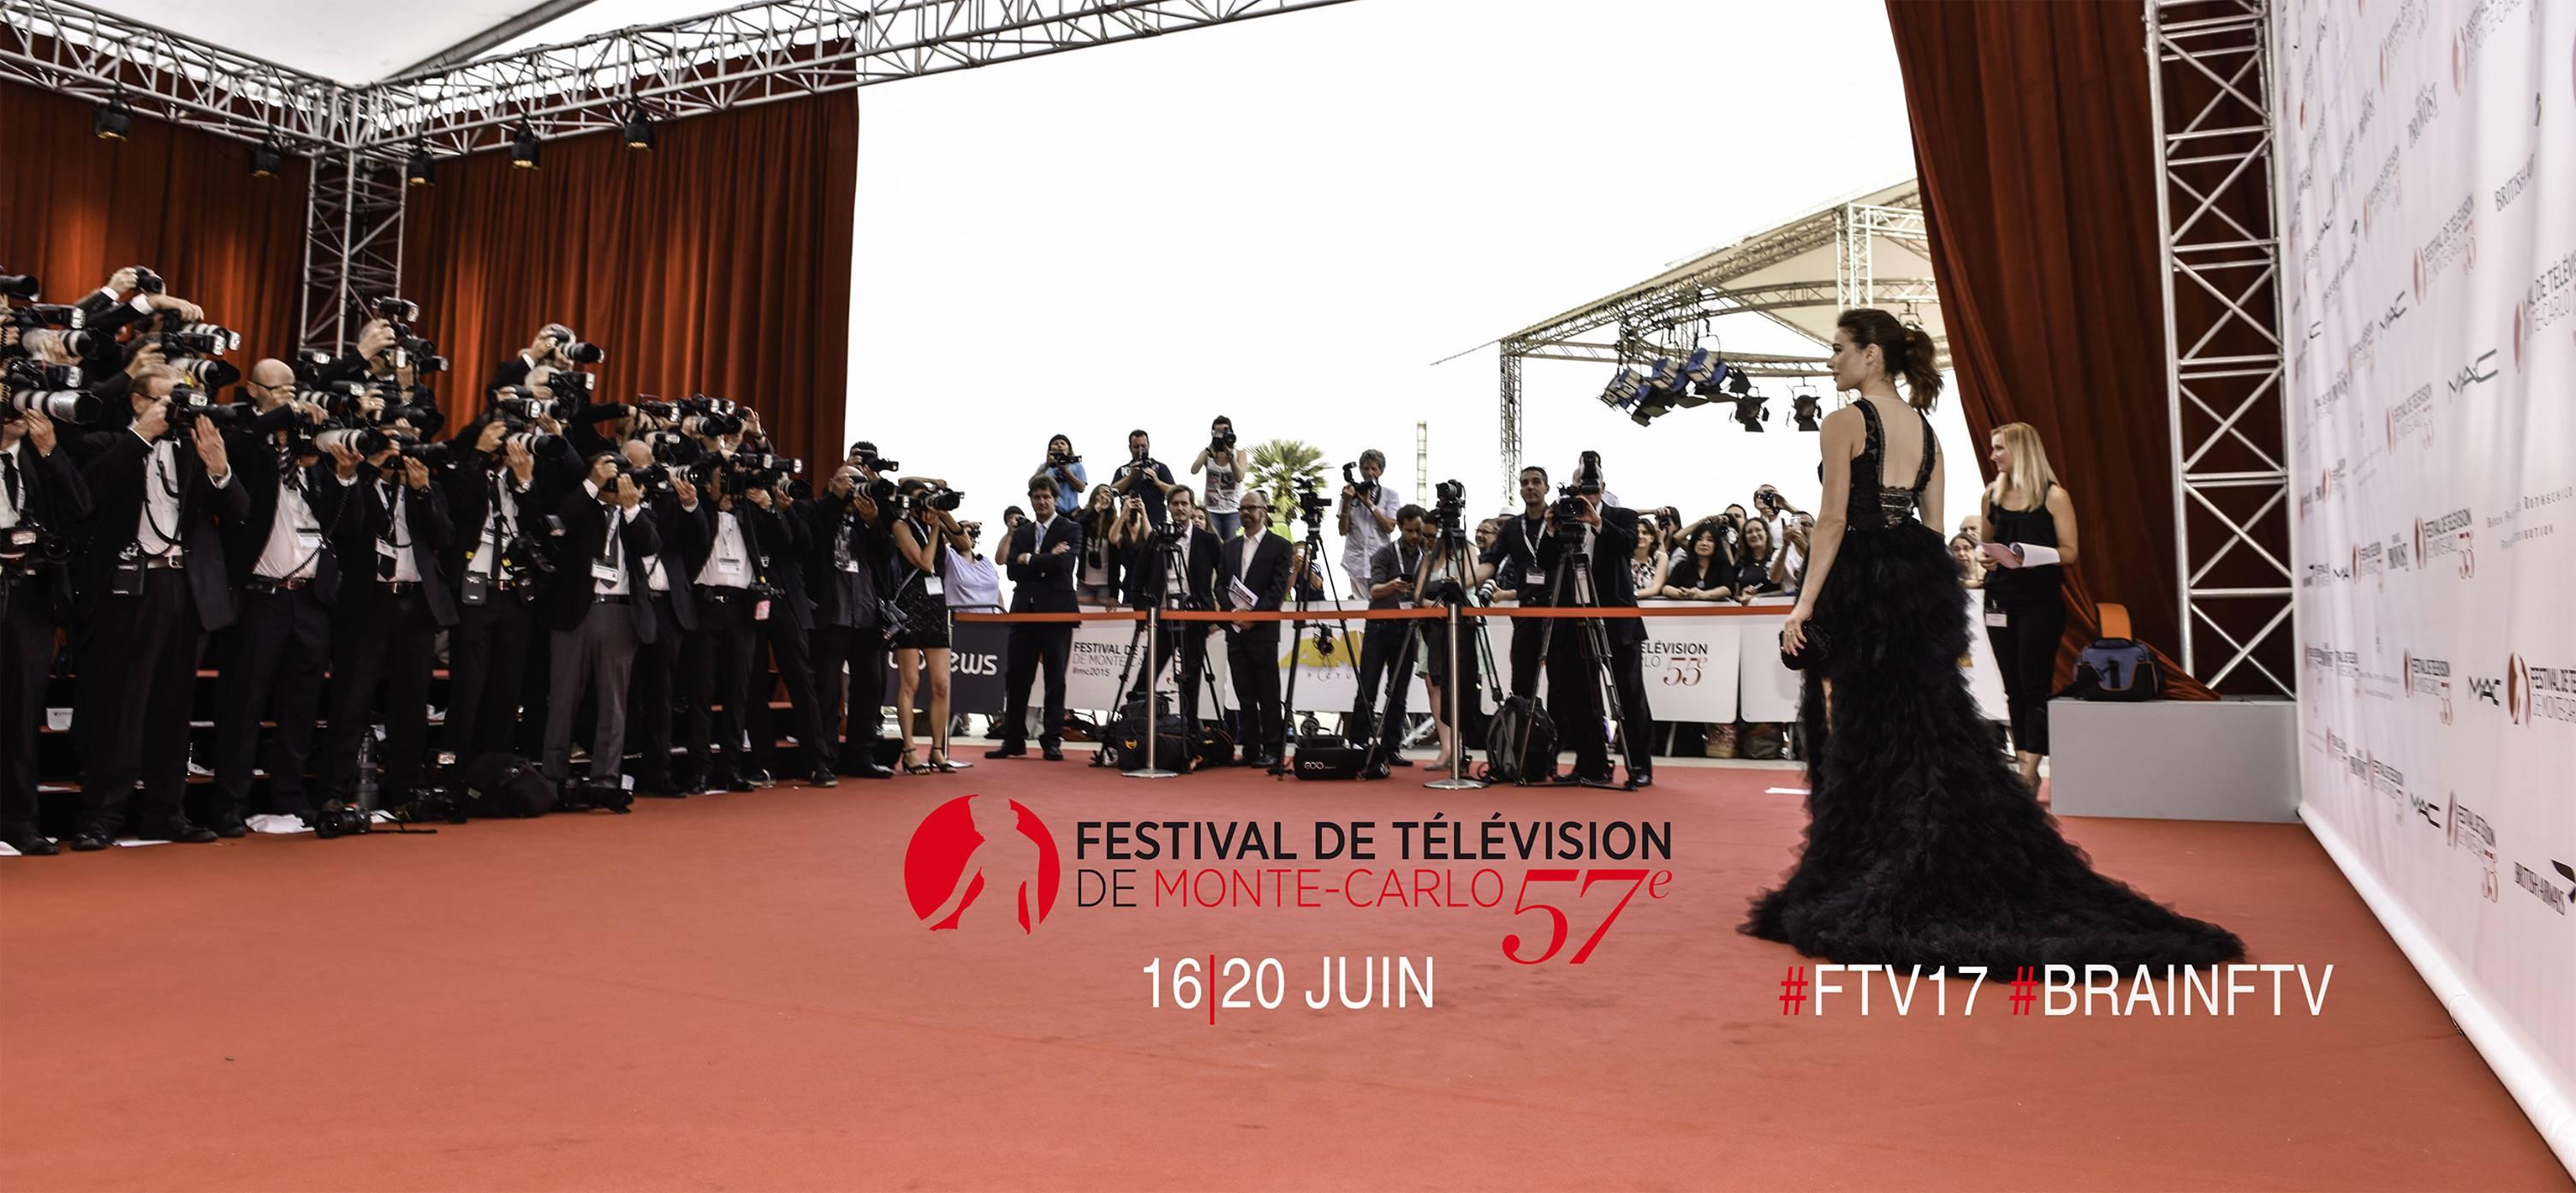 festival de t 233 l 233 vision de monte carlo 2017 suivez le tapis en direct brain damaged